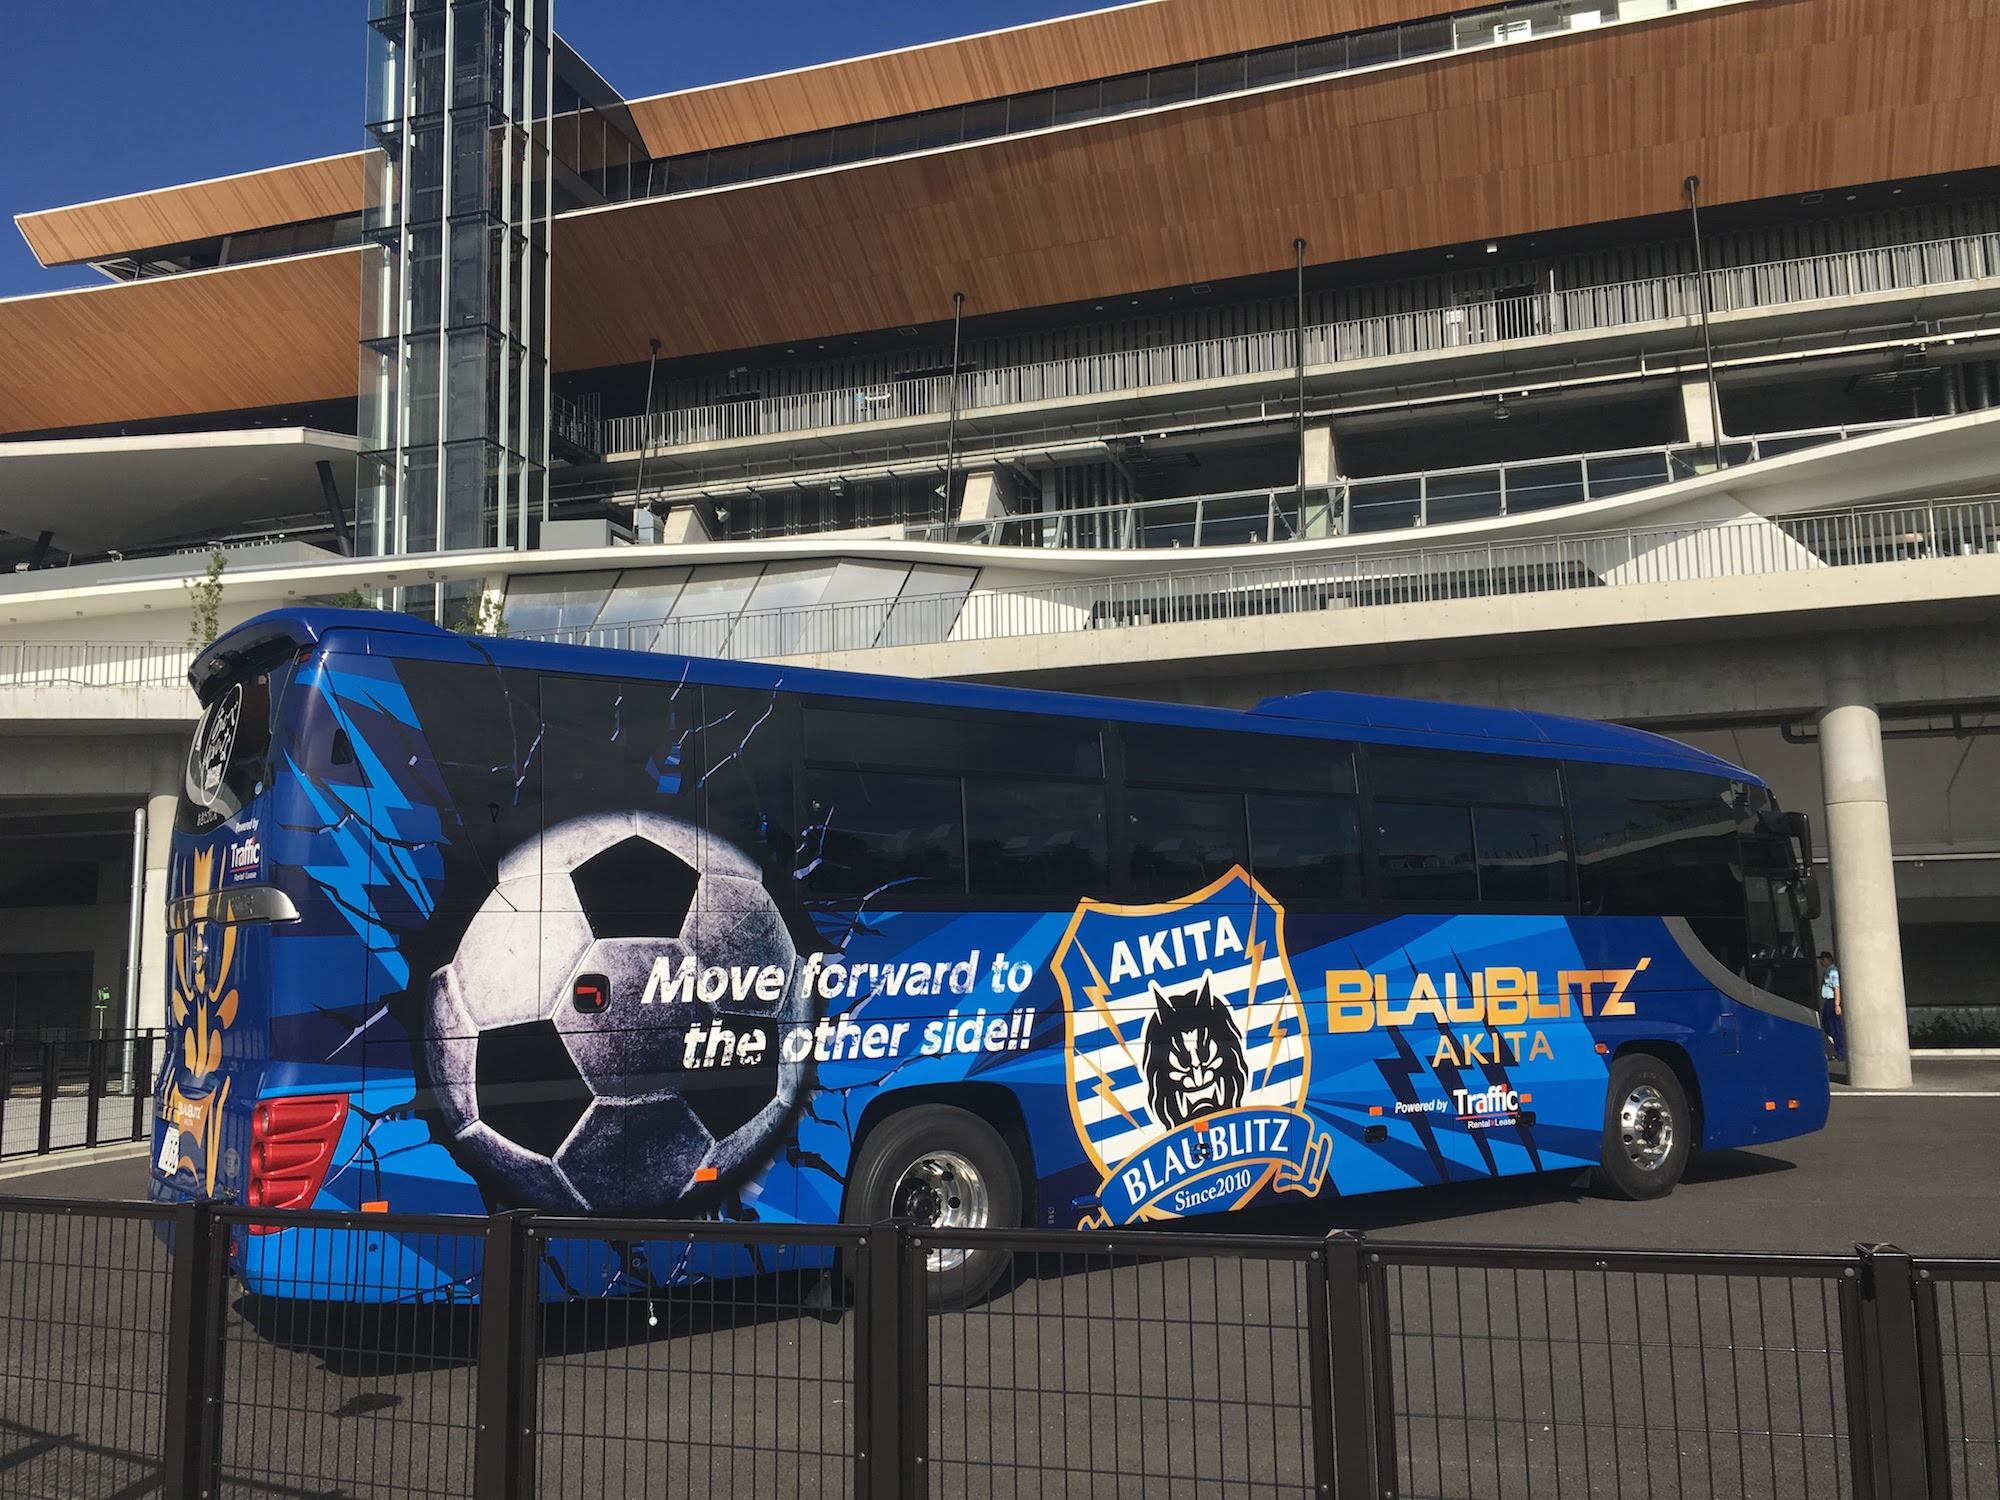 ブラウブリッツ秋田の選手バス